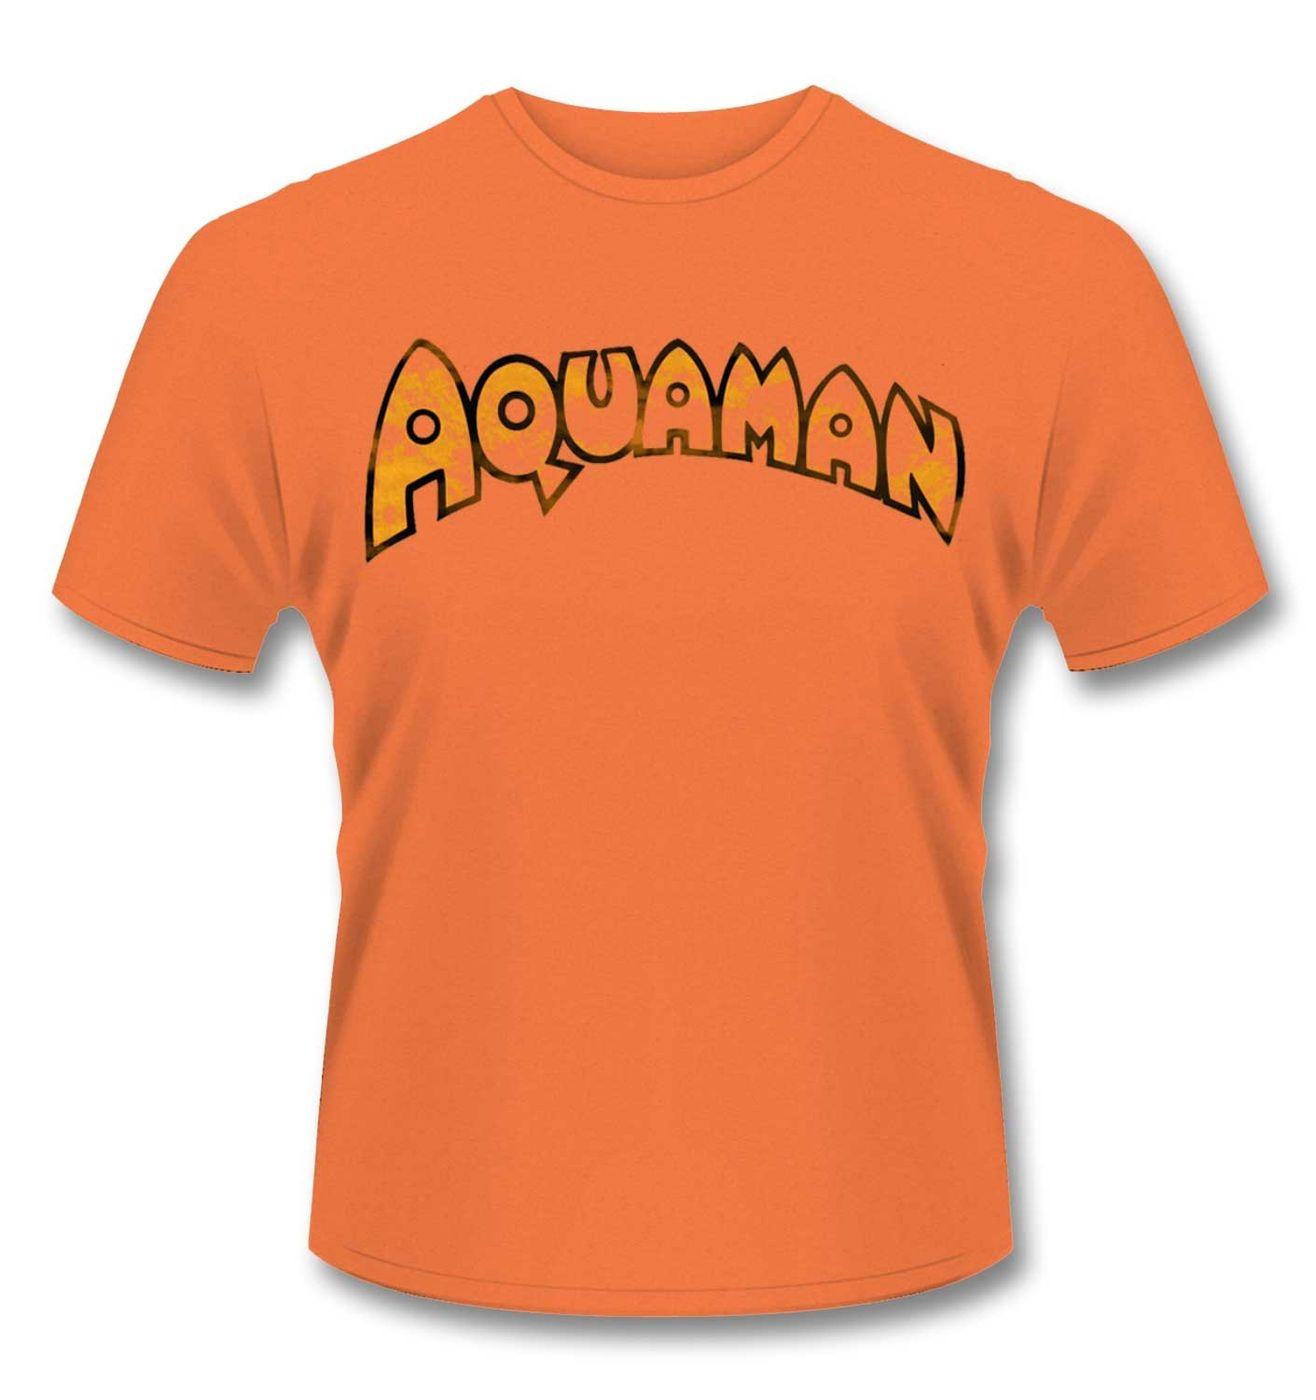 Aquaman t-shirt - official DC Originals Aquaman tee